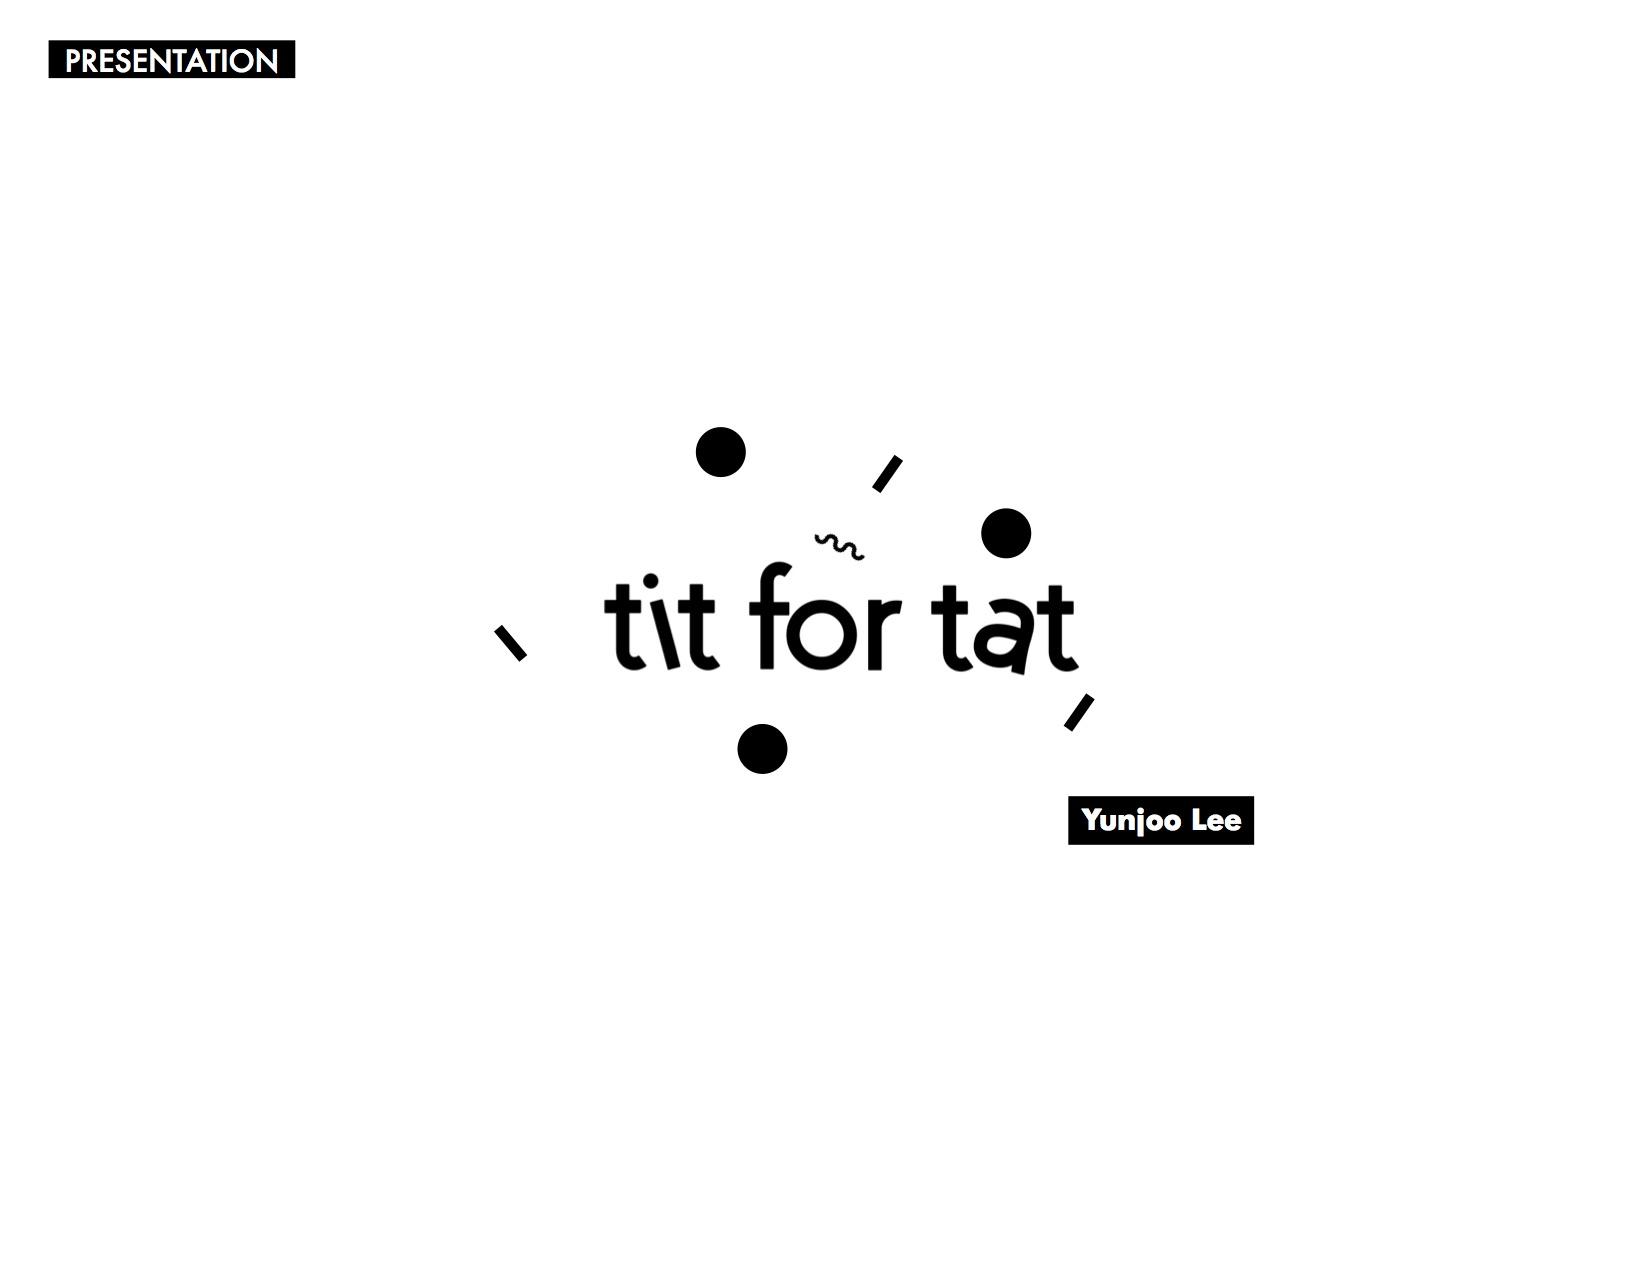 titfortat_presentation_yunjoolee1.jpg